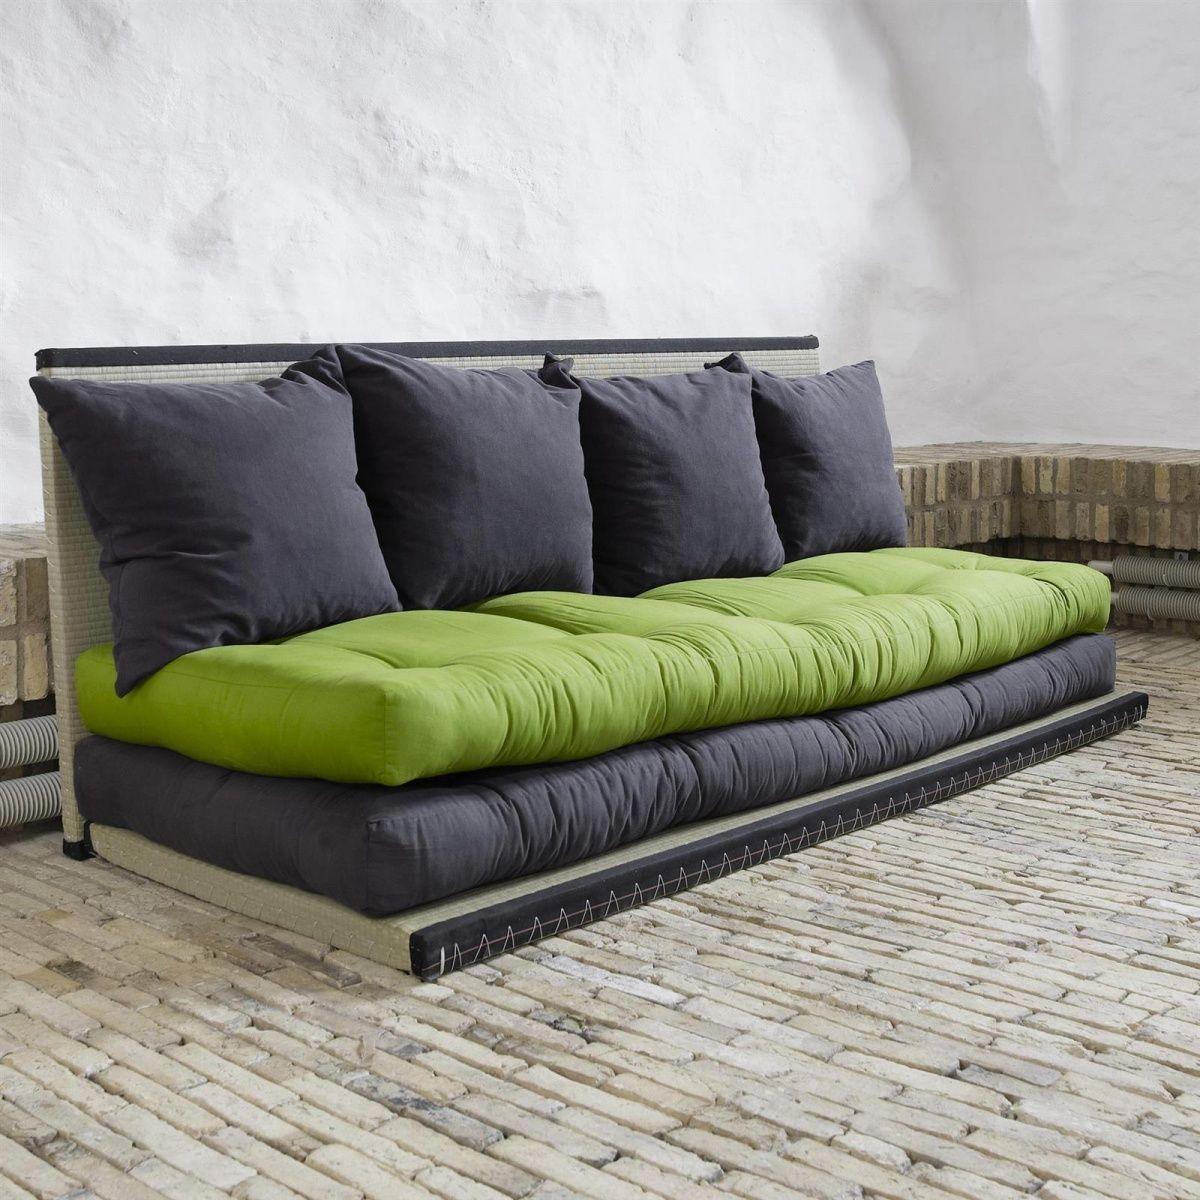 Die 20 besten Ideen zu Futon in 20   futon, couch selber bauen ...